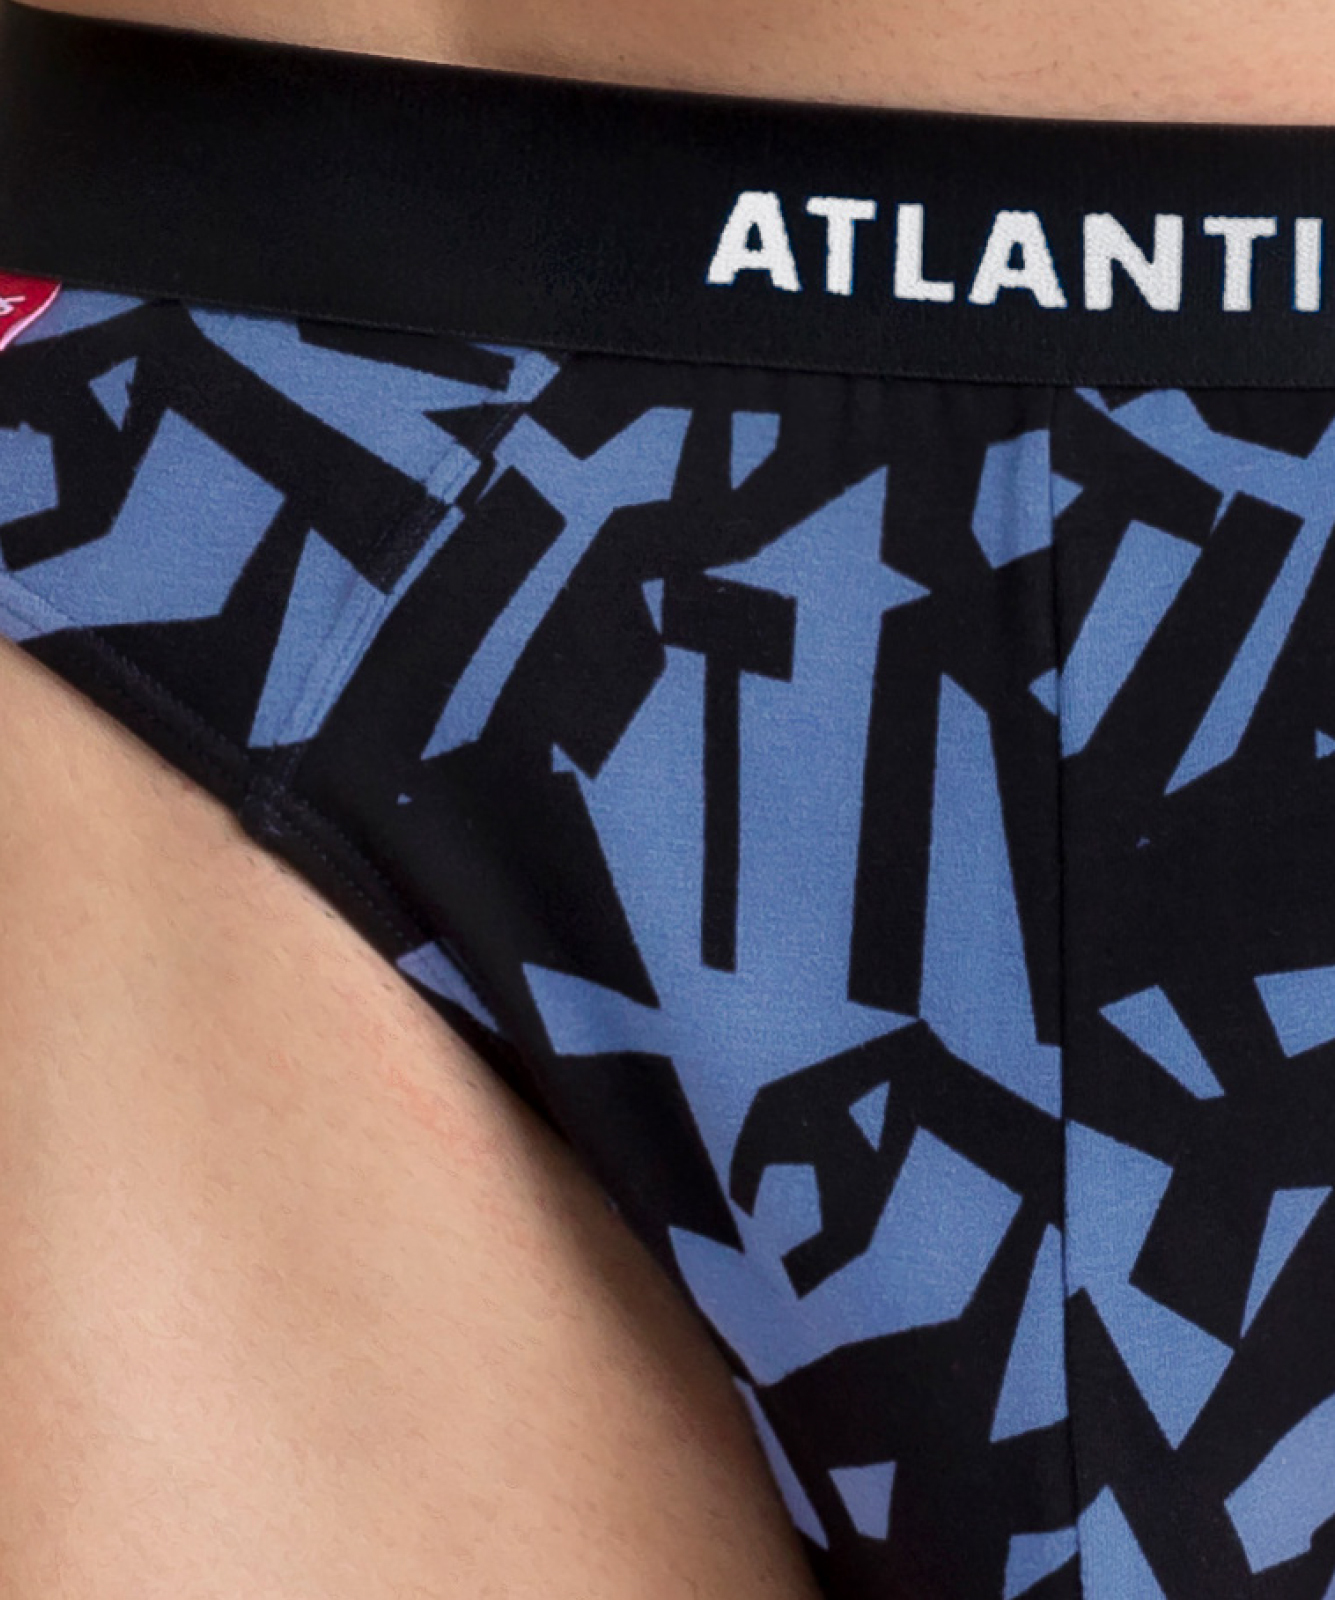 Мужские трусы слипы спорт Atlantic, набор 3 шт., хлопок, светло-голубые + темно-синие + серый меланж, 3MP-104